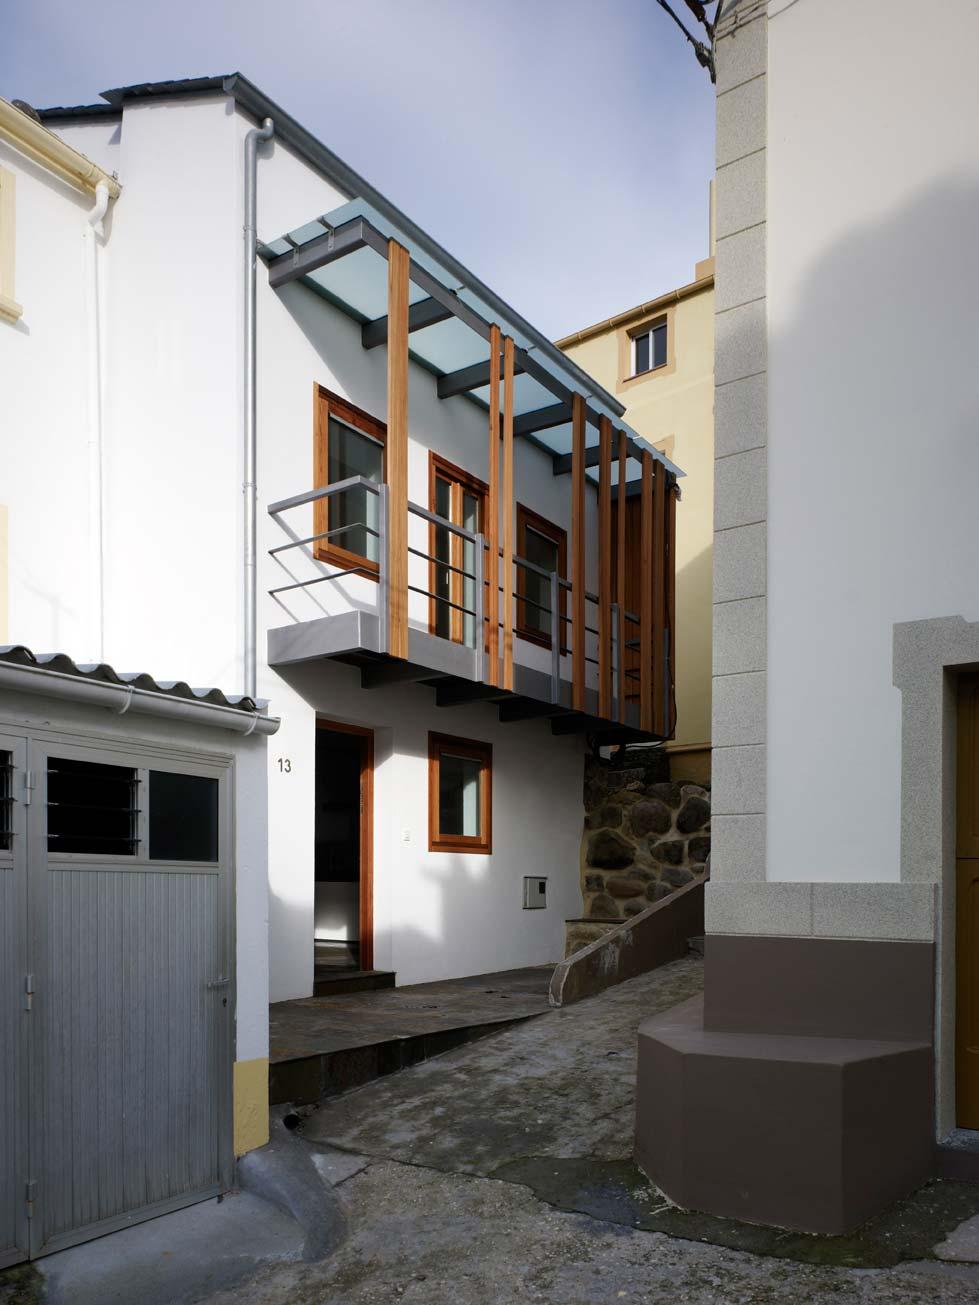 Интерьер испанского дома: дерево, камень и необычные окна